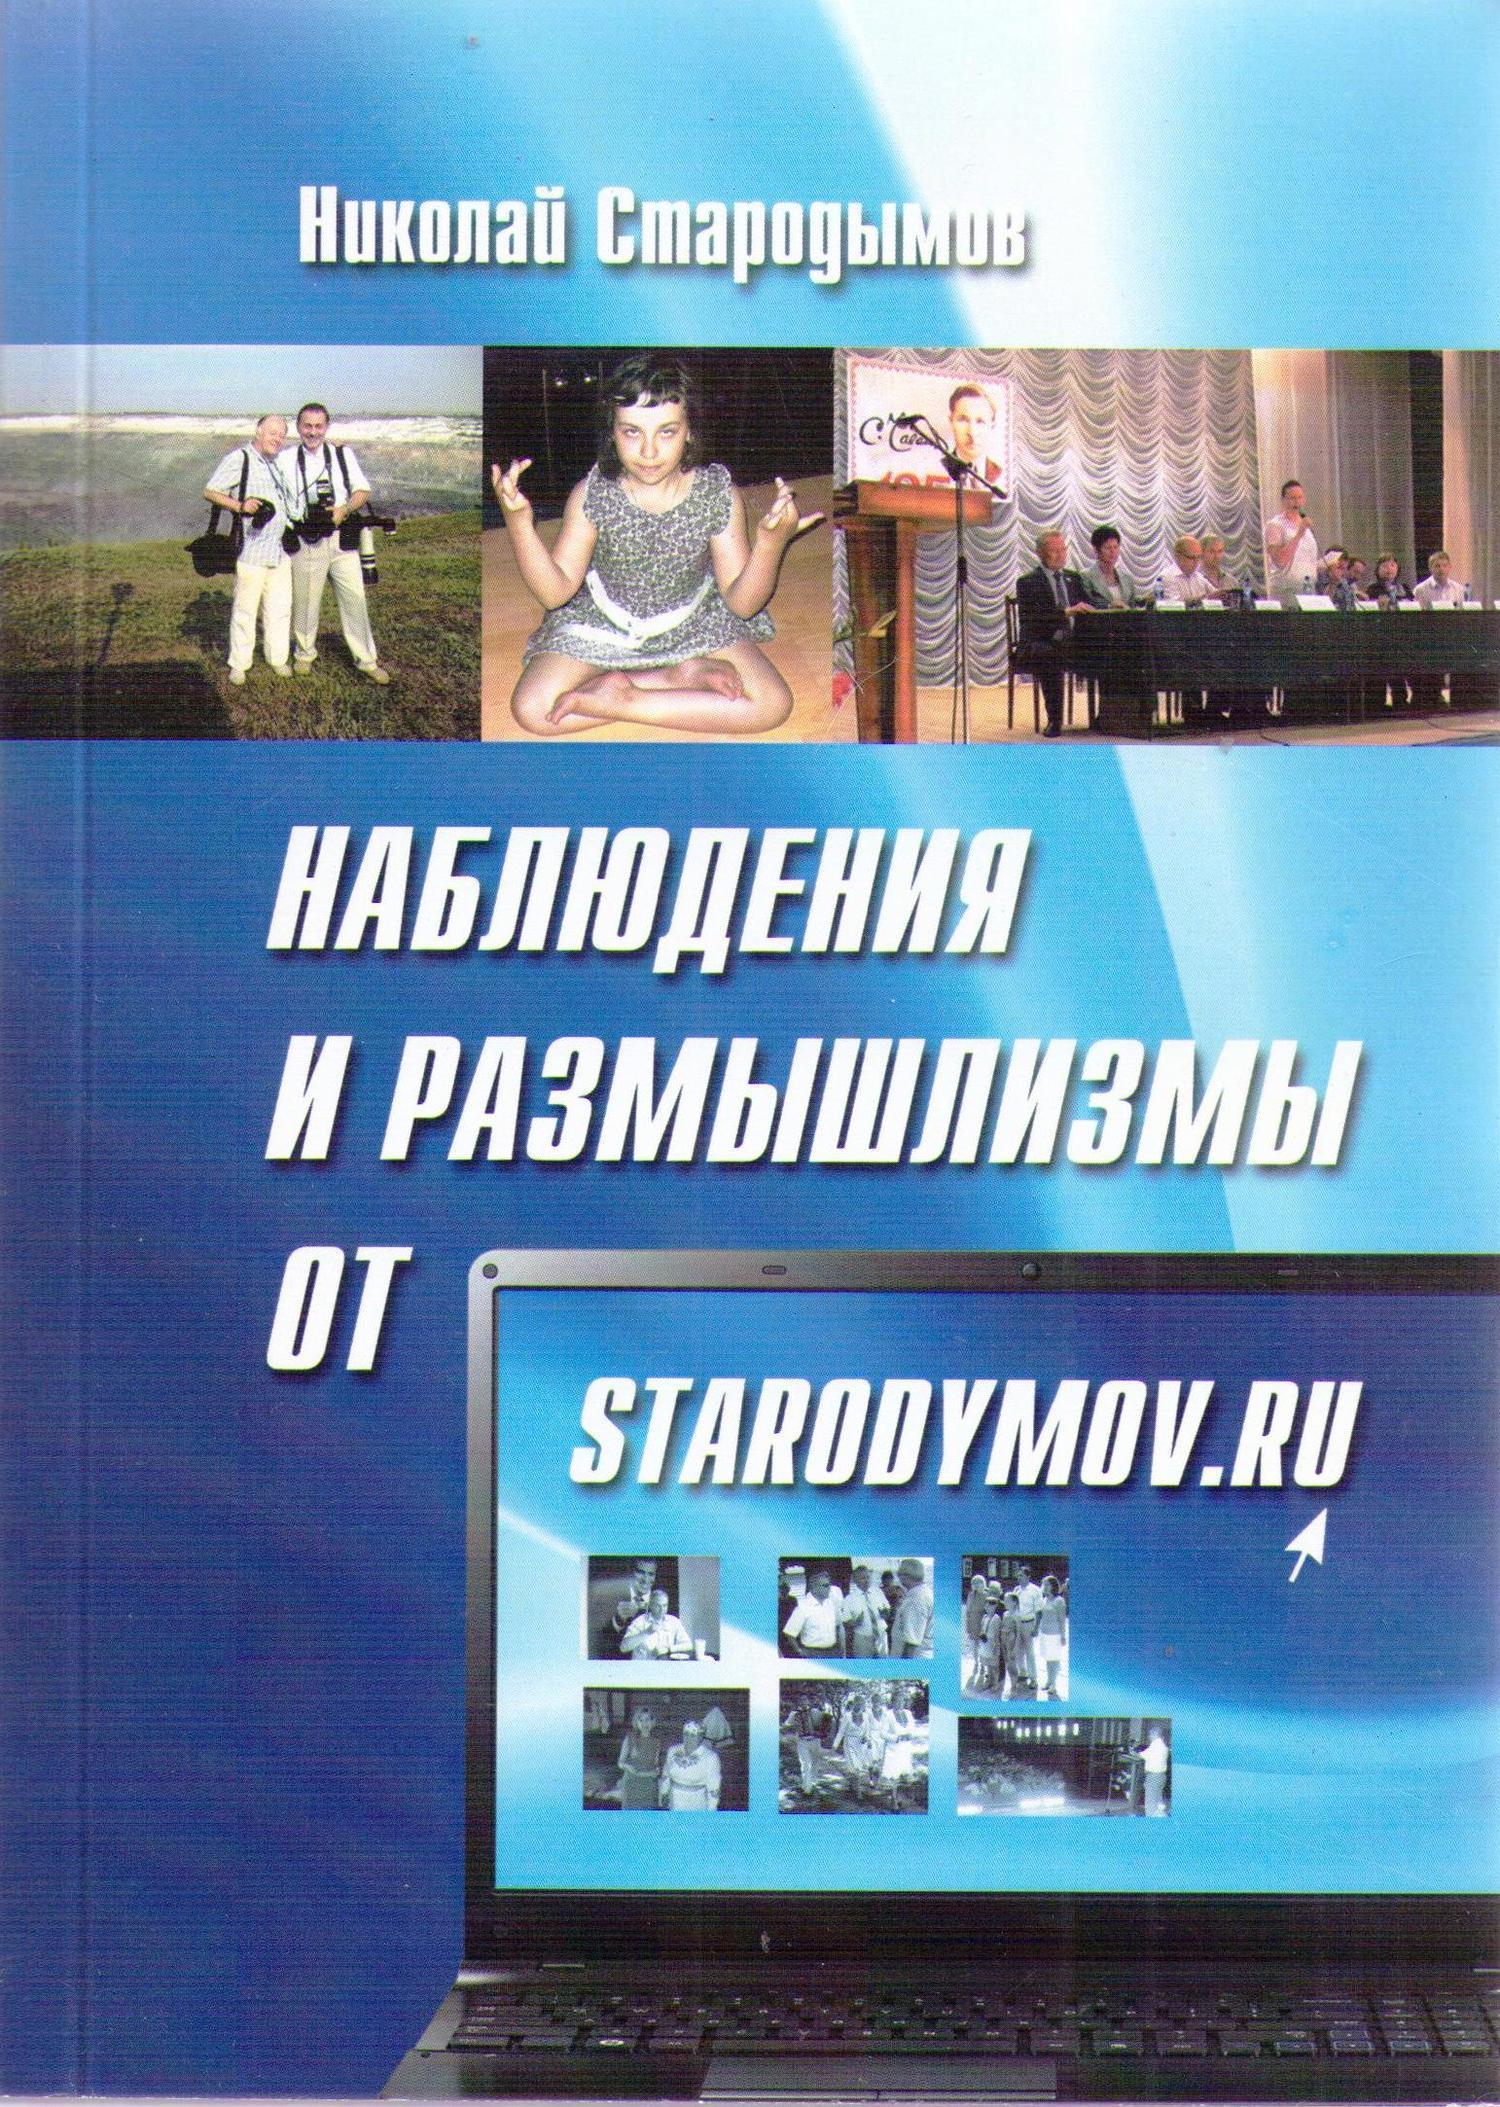 Николай Стародымов Наблюдения и размышлизмы от starodymov.ru. Выпуск №1